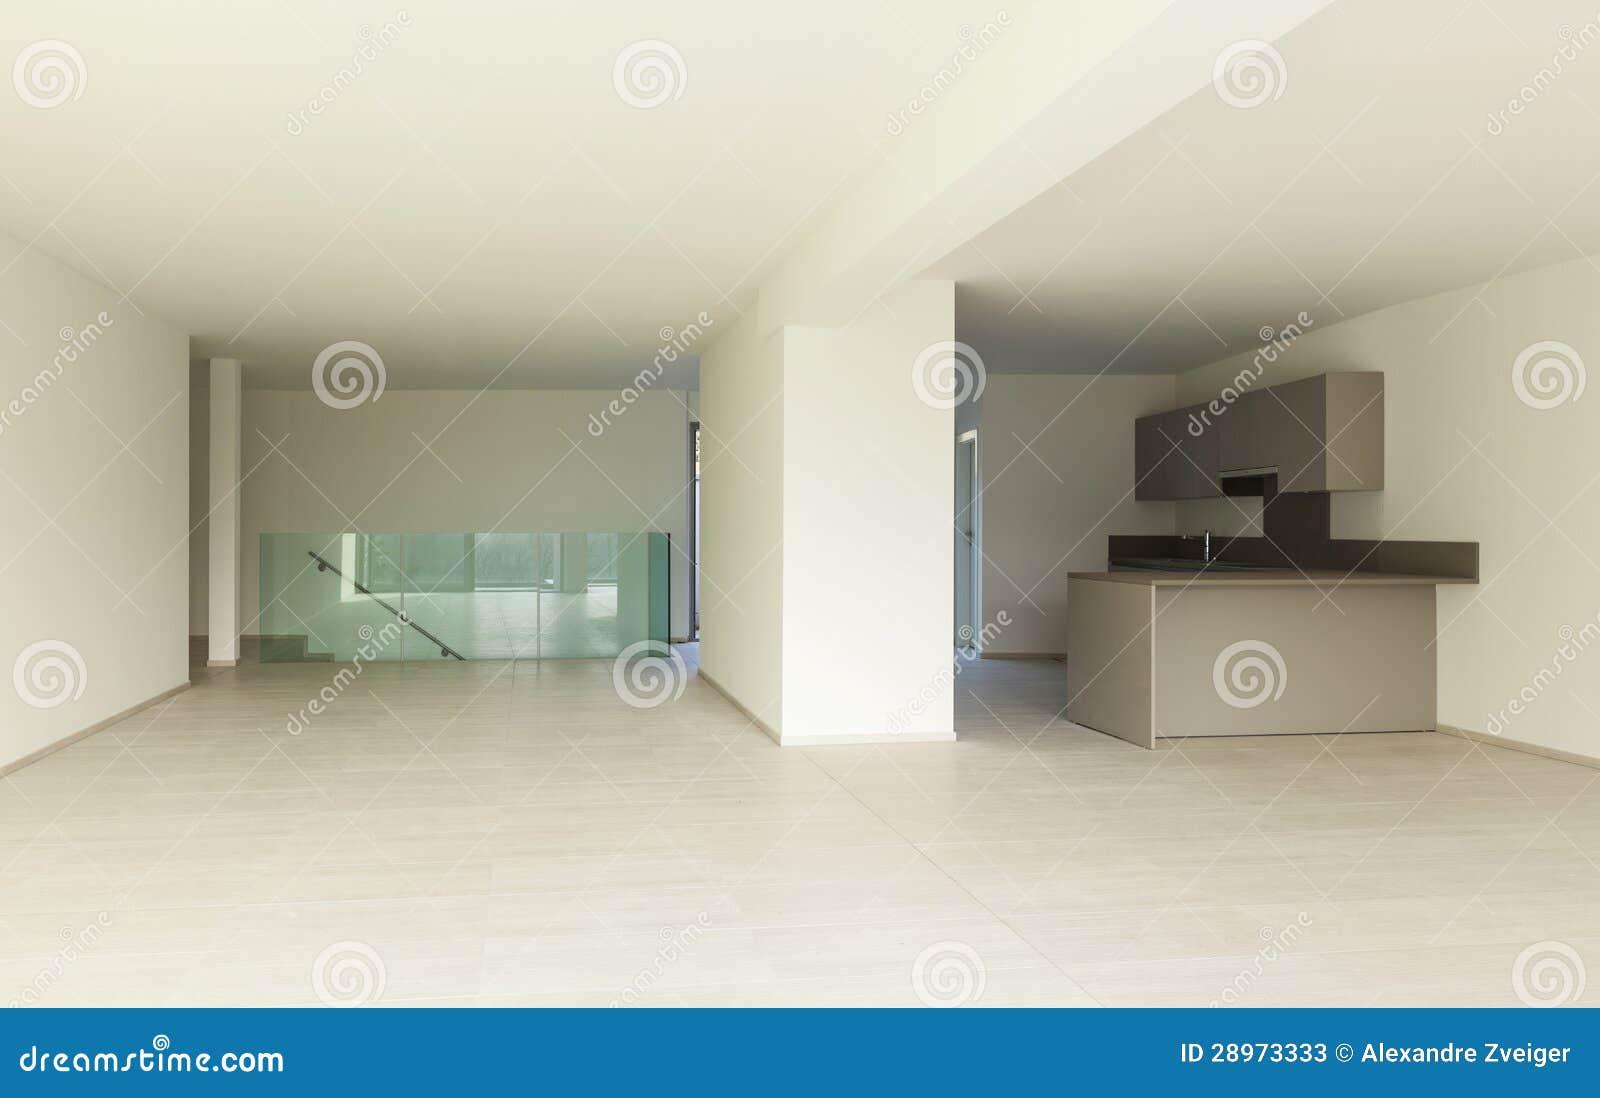 Wewnętrzna nowożytna architektura